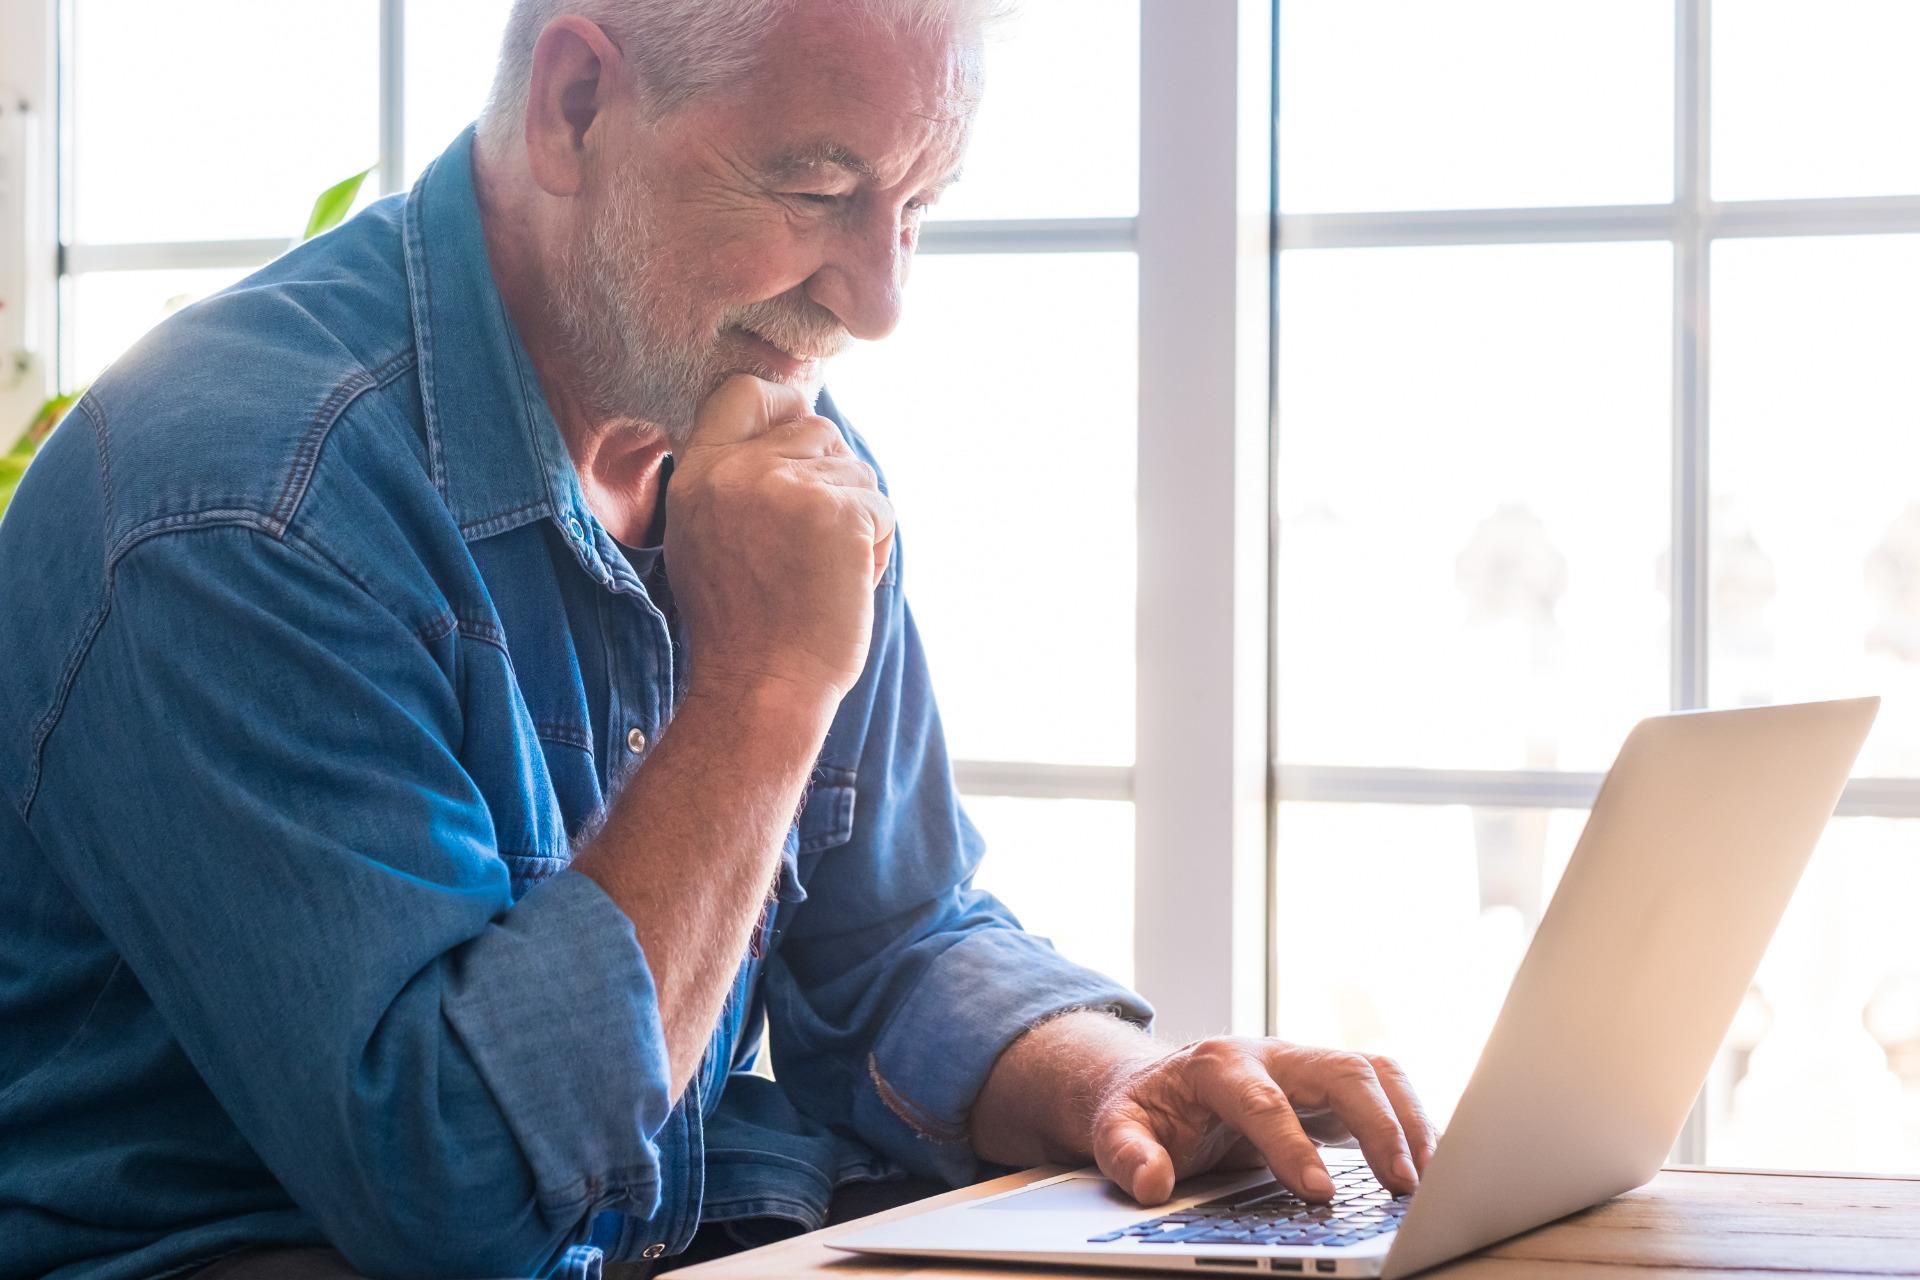 pensive-senior-man-with-a-white-beard-smiles-looki-tm4uep6.jpg